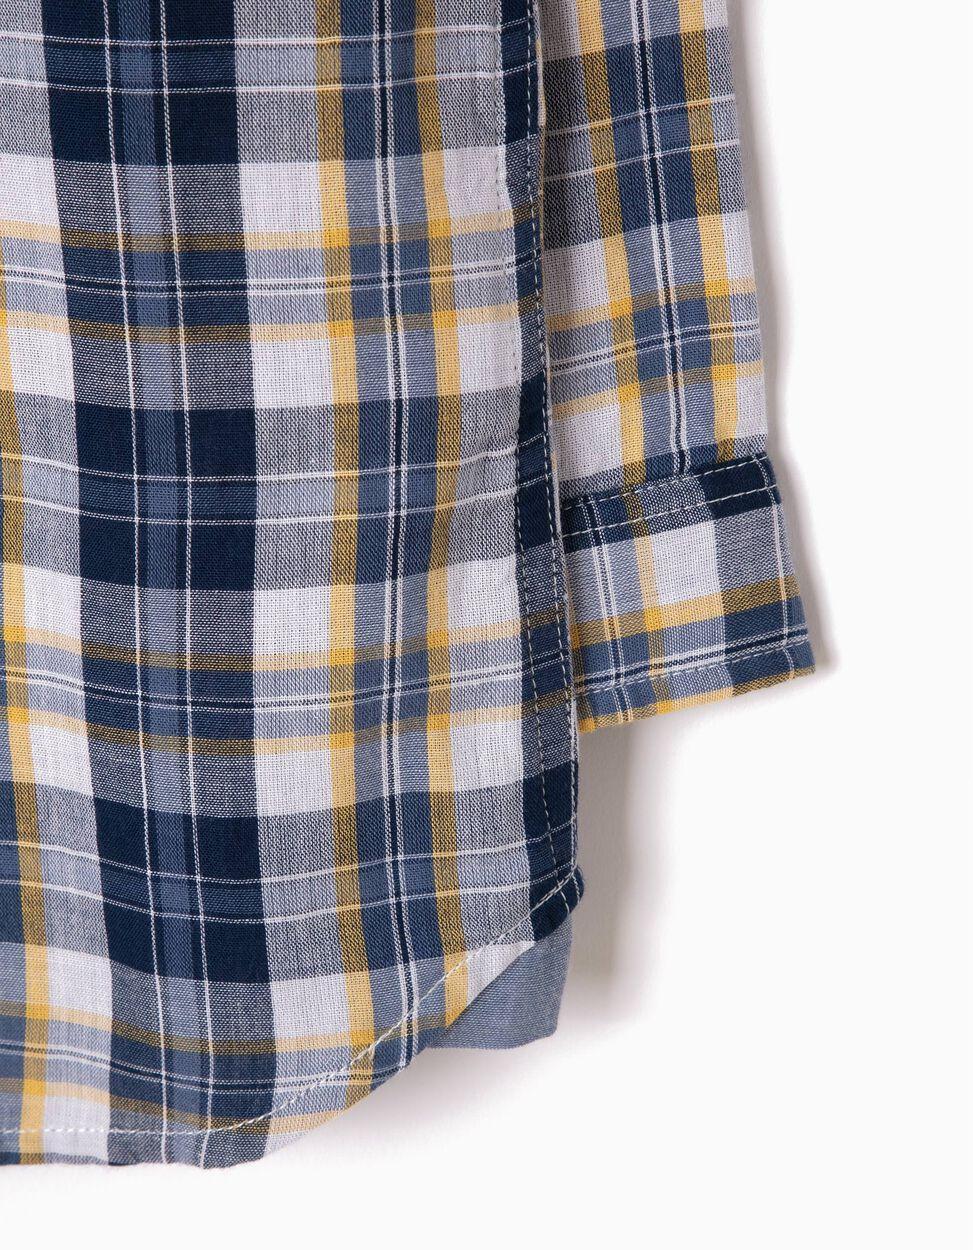 Camisa Ajedrez Azul y Amarillo